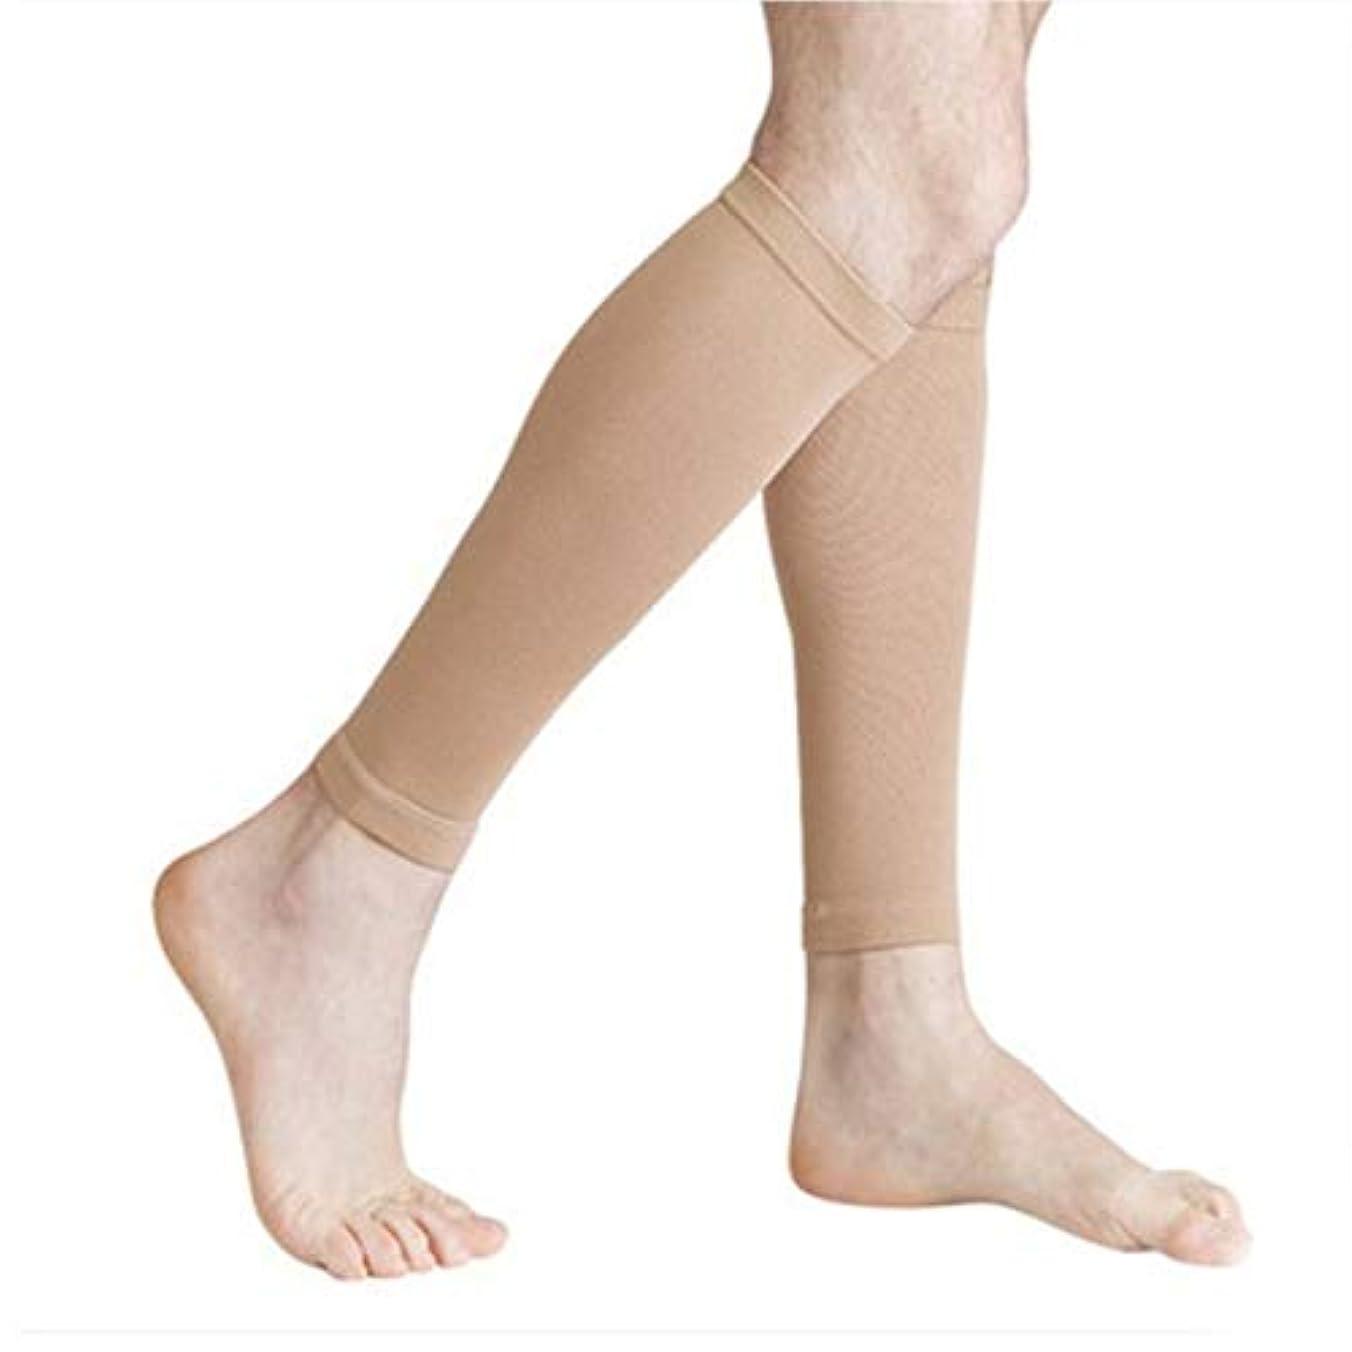 熟練した制限されたコースふくらはぎコンプレッションスリーブ脚コンプレッションソックスシンスプリントふくらはぎの痛みを軽減メンズランニング用サイクリング女性用スリーブ-スキン